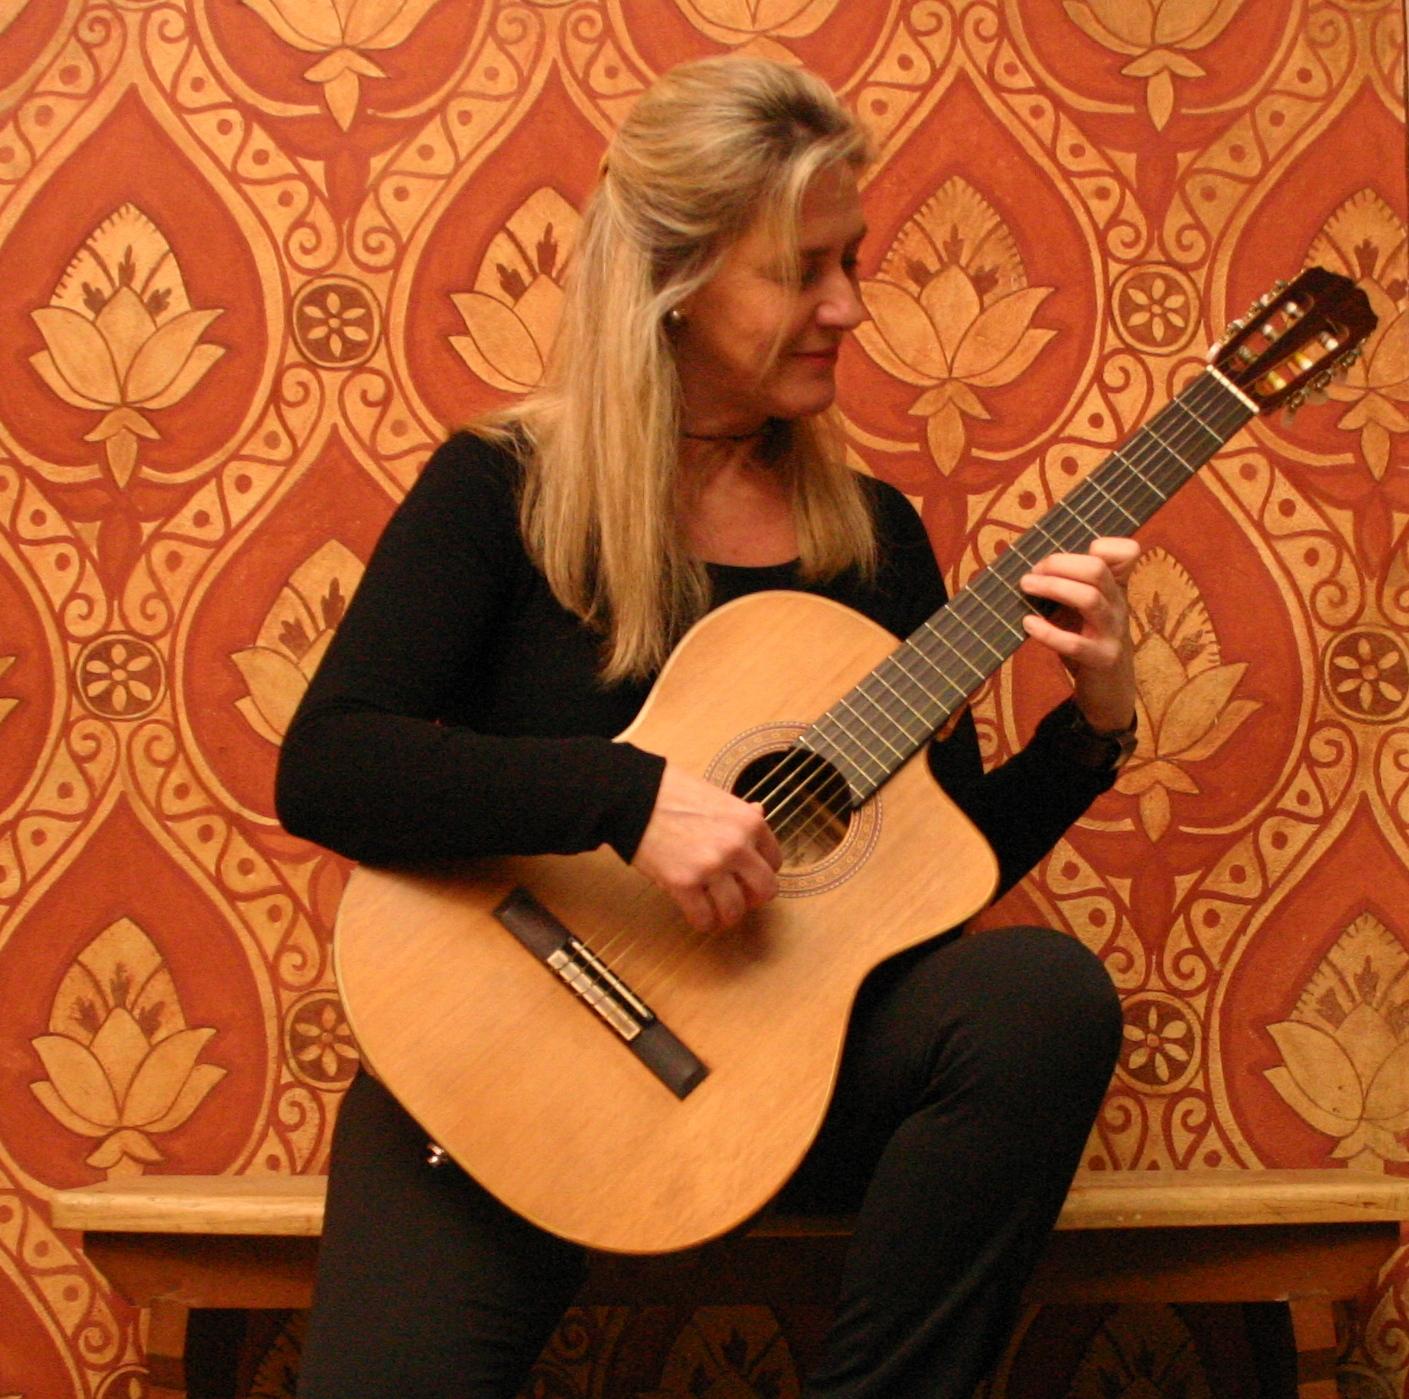 Mariangela Mascazzini